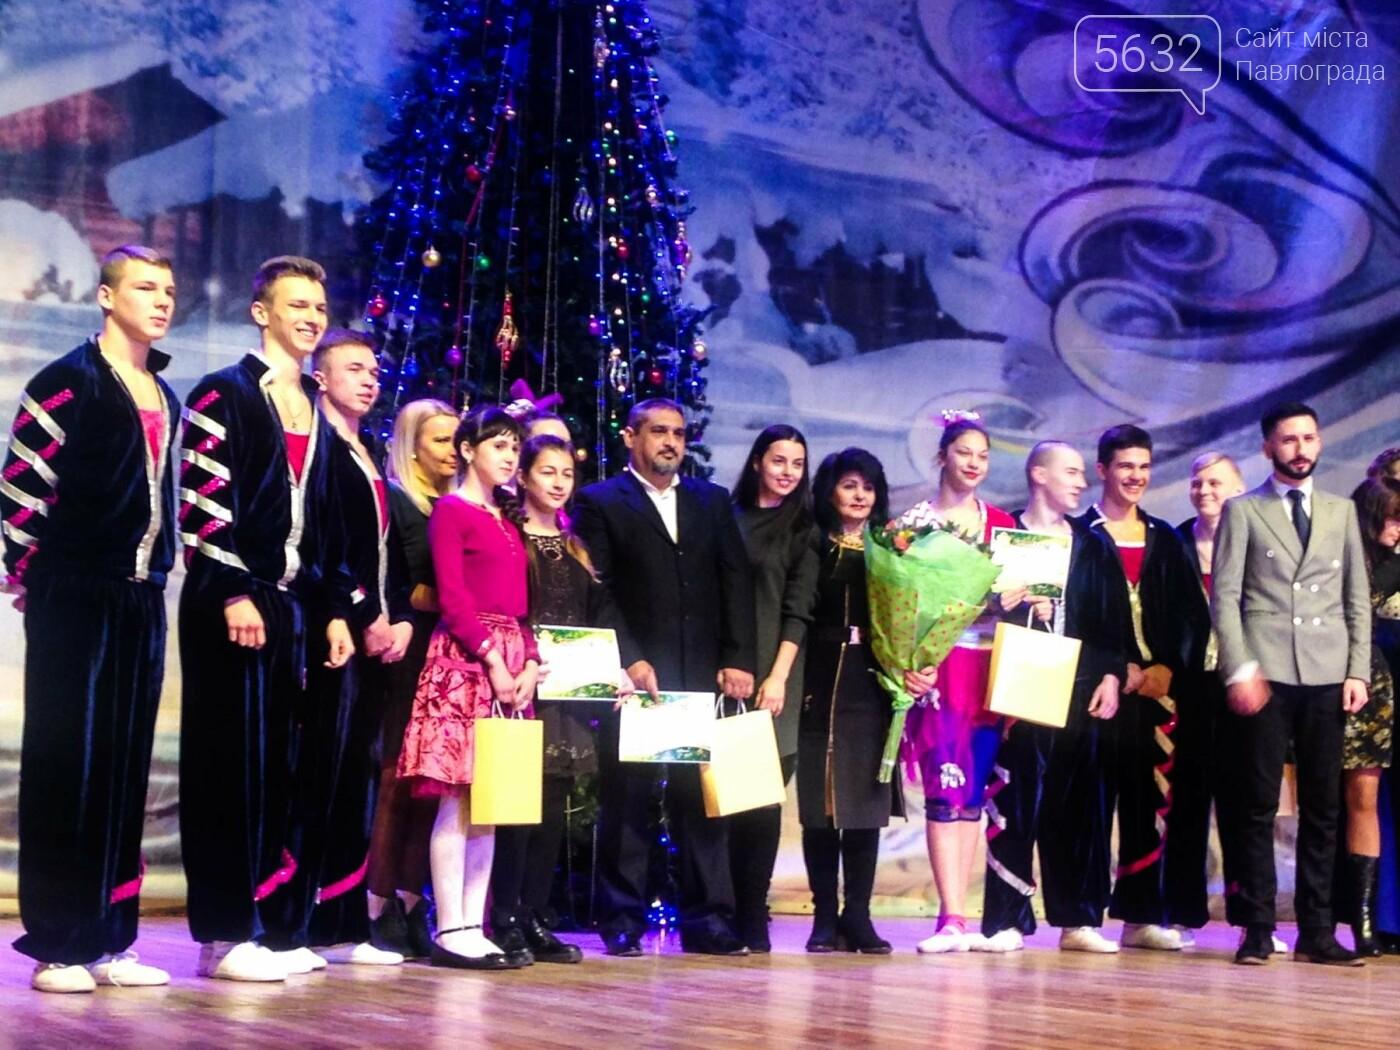 В Павлограде подвели итоги конкурса «Творческое достижение года – 2017», фото-6